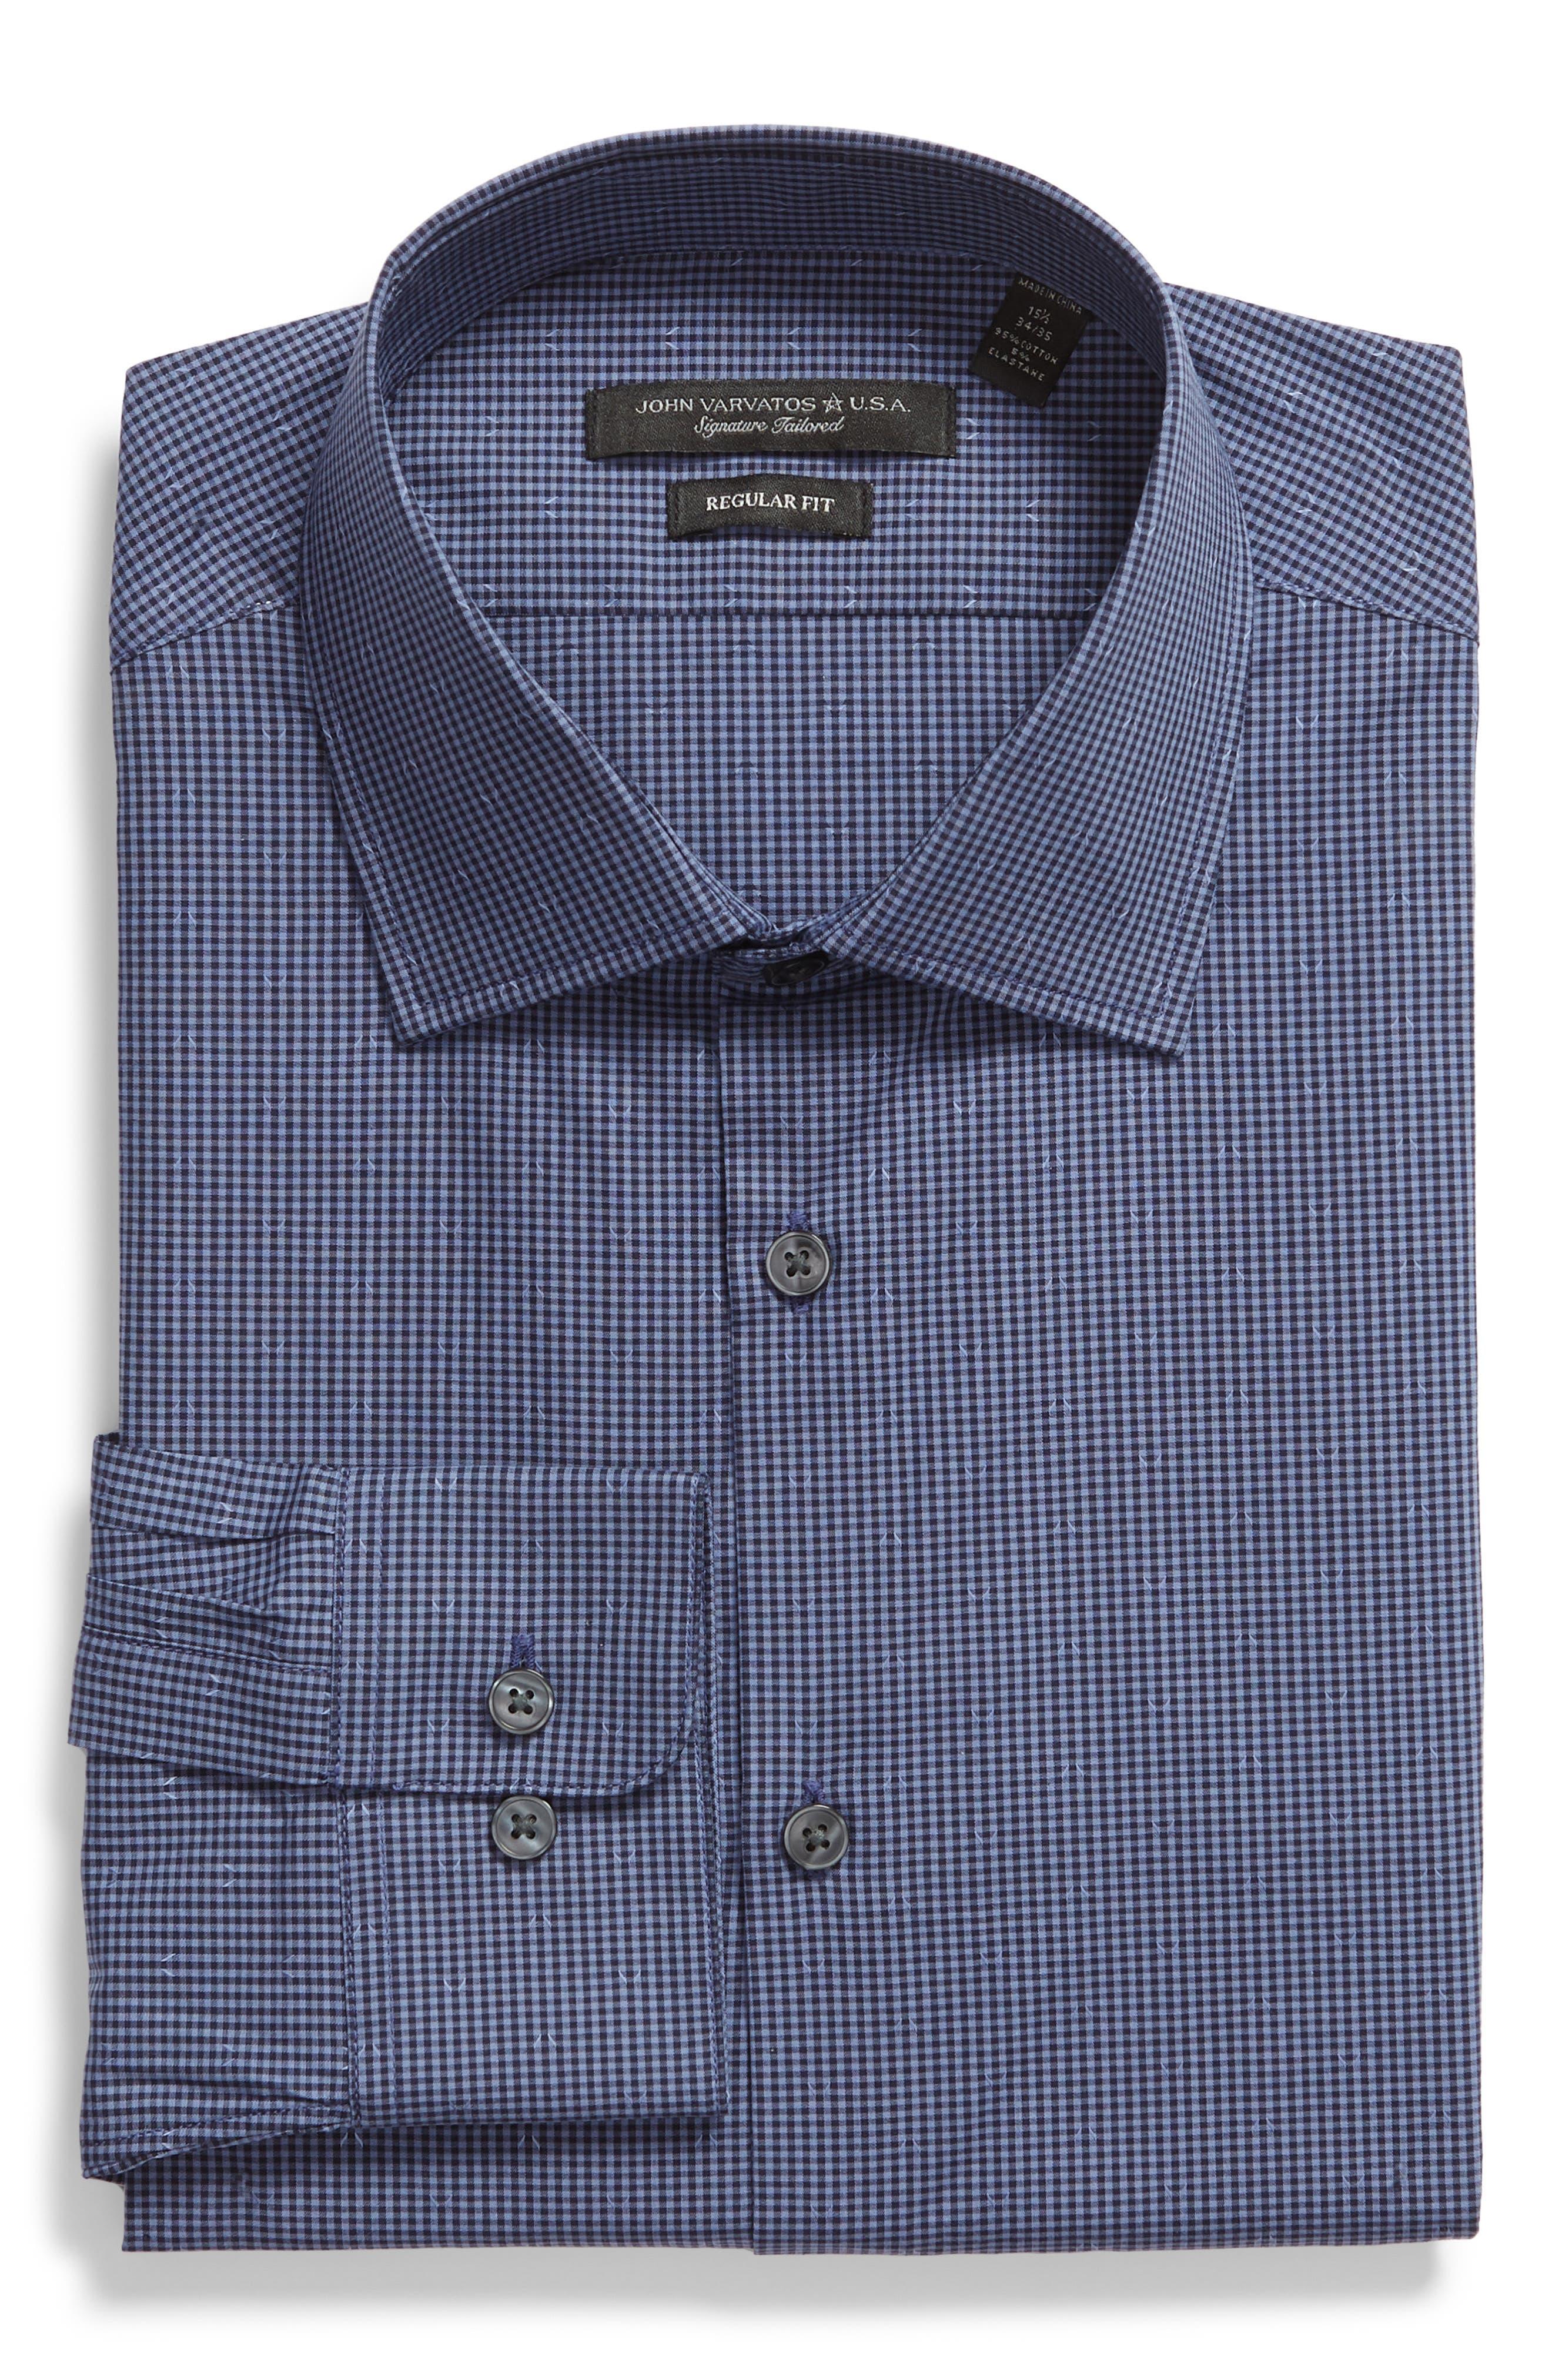 John Varvatos Star USA Stretch Regular Fit Iris Micro Check Dress Shirt Nwt